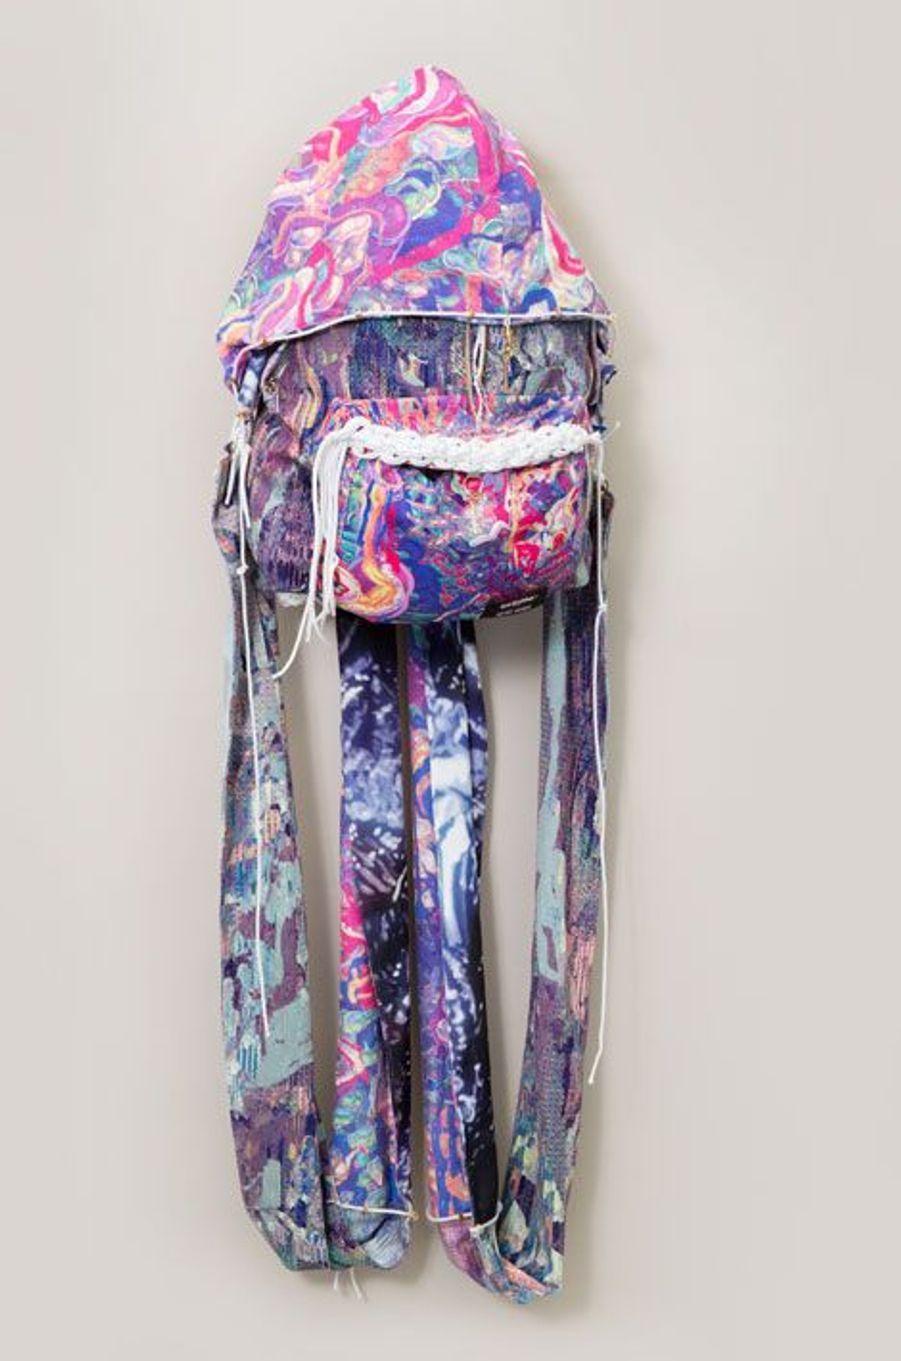 Les créatrices de la marque KRSTJ, Justine de Moriamé et Erika Schillebeeckx proposent quant à elles, un sac aux allures de méduse, doté d'une capuche intégrée.